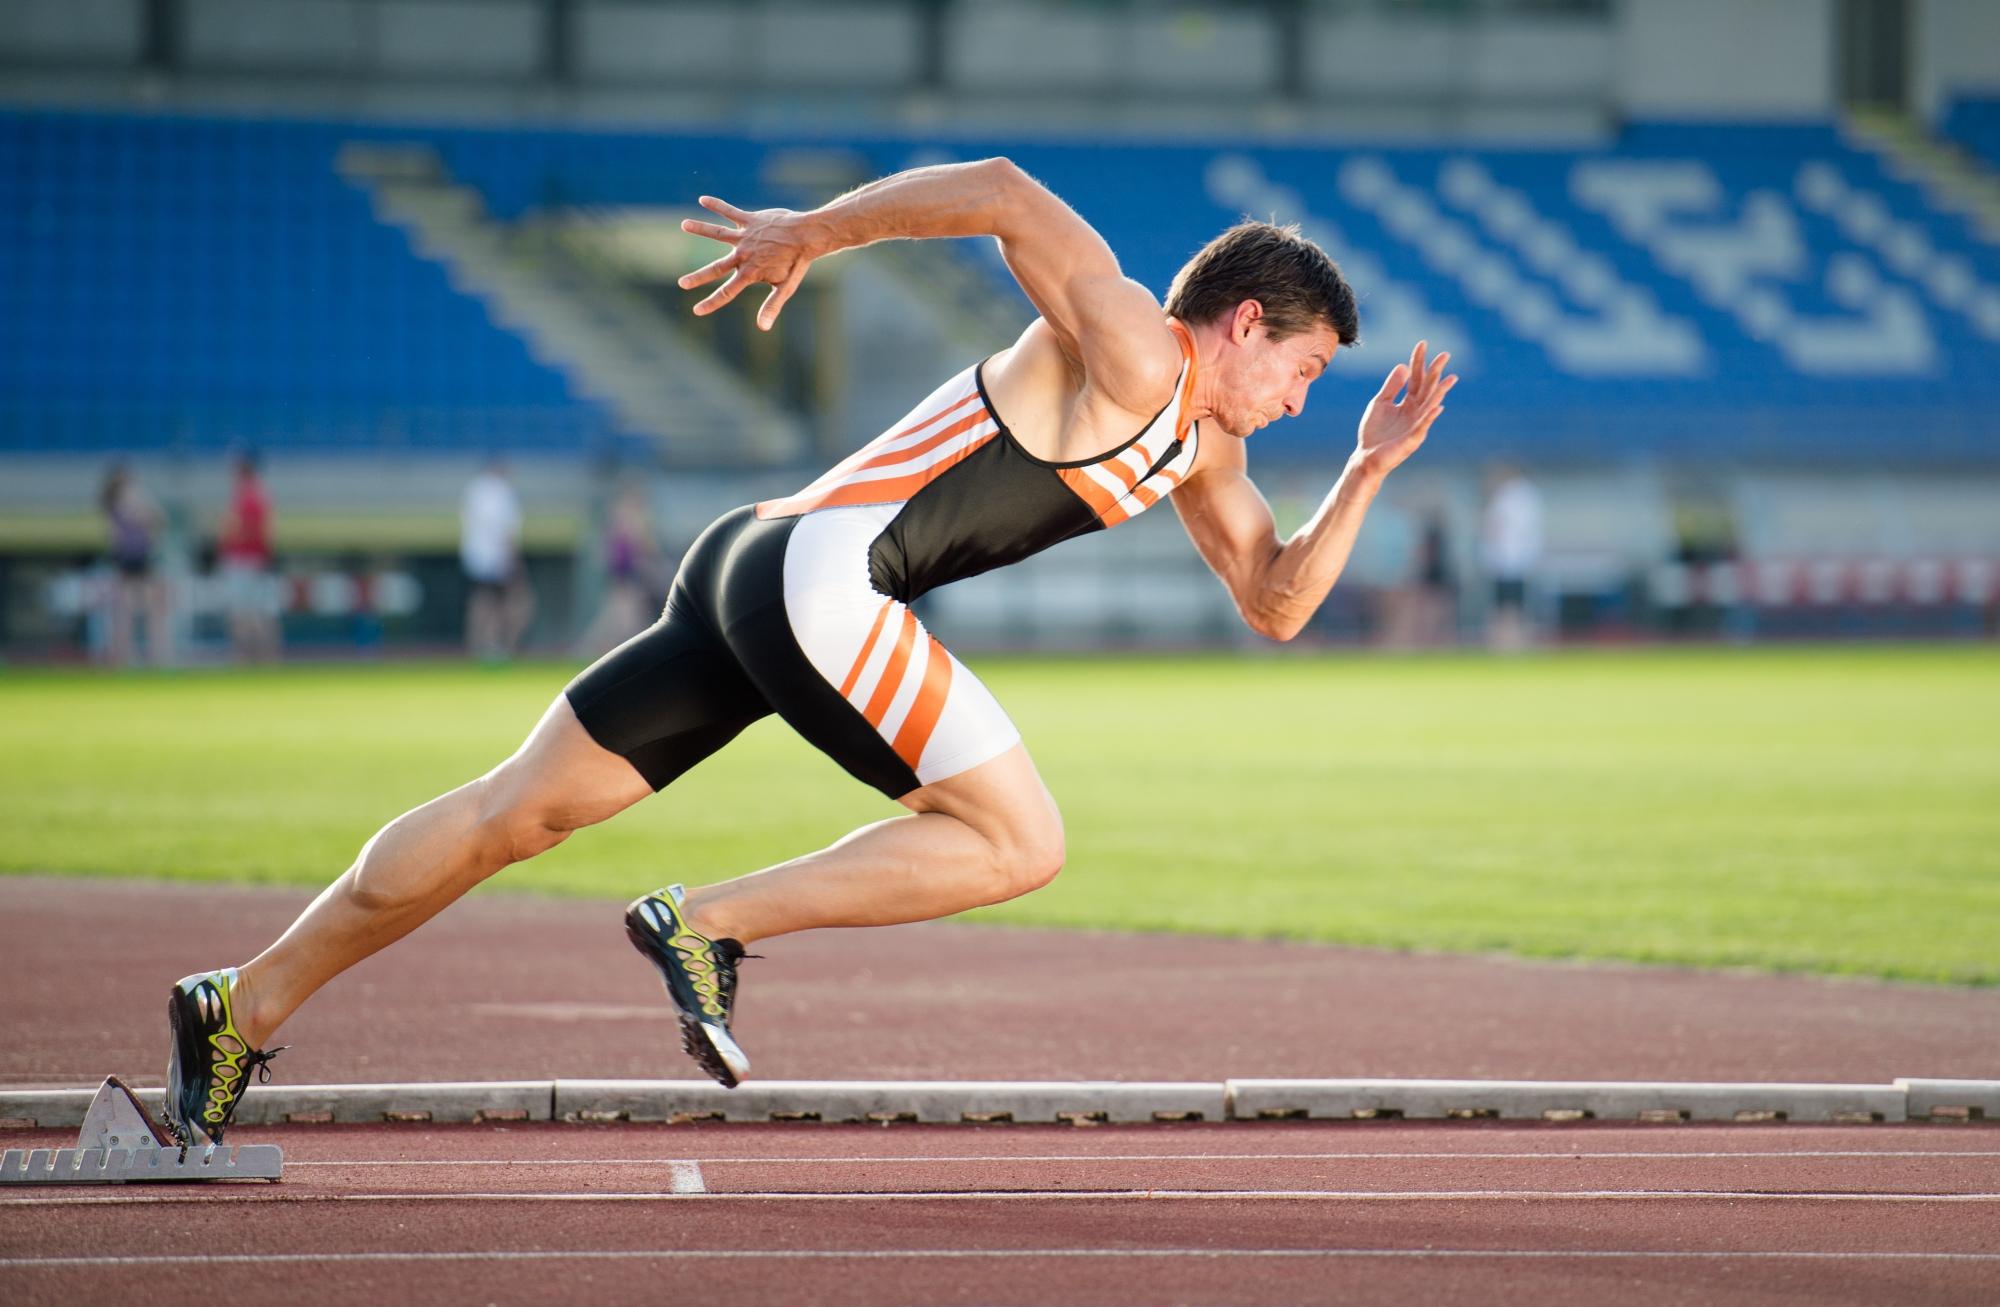 древнего искусства фото разного спорта девушка рыжая